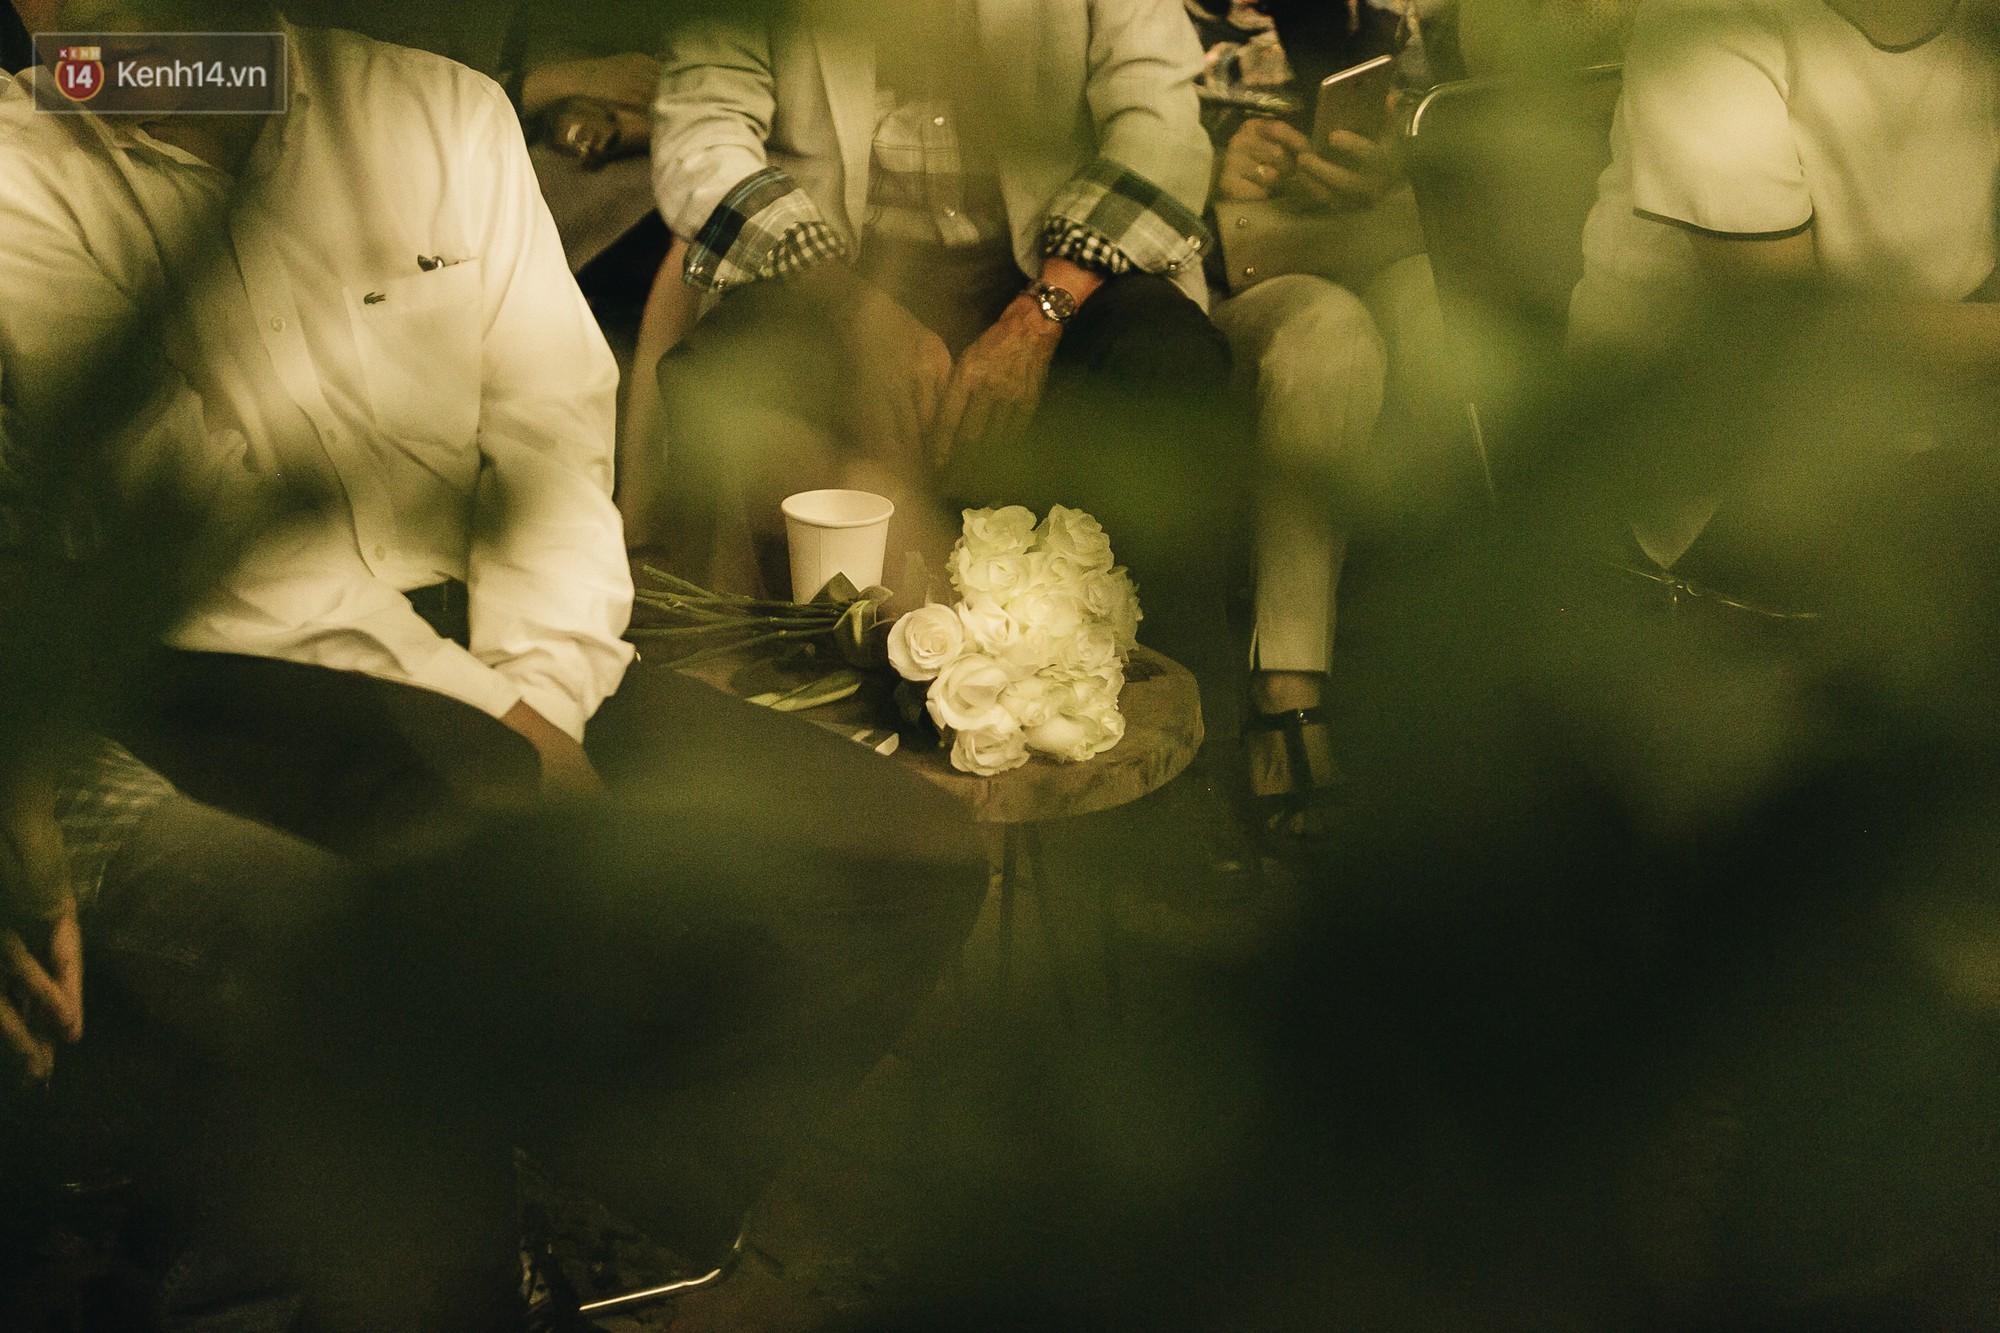 Chuyện về căn phòng 6m2 của vợ chồng Lưu Quang Vũ - Xuân Quỳnh và đêm thơ tưởng nhớ đầy cảm xúc ở Hà Nội - Ảnh 20.